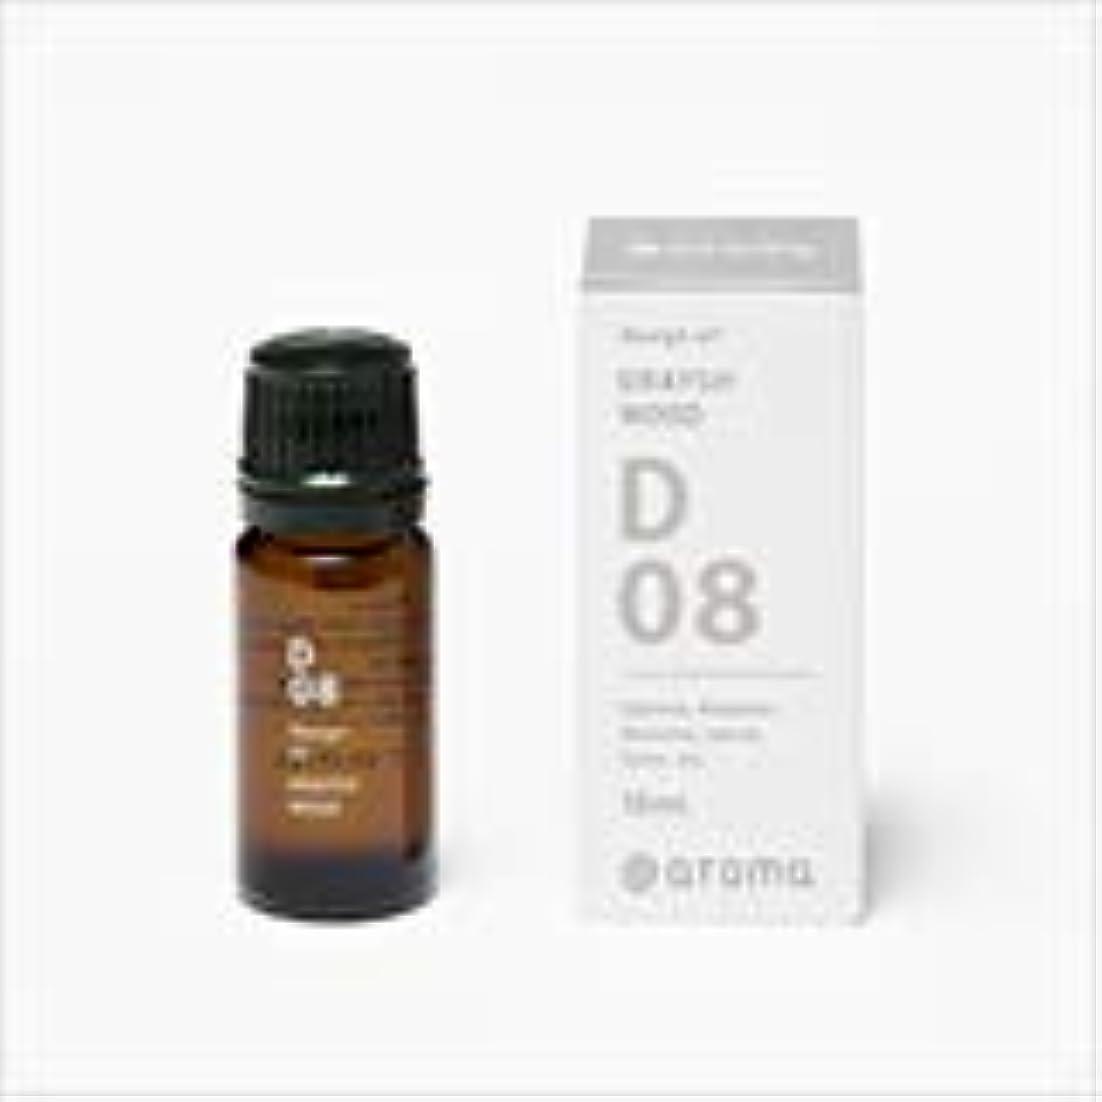 羊の服を着た狼銀なしでアットアロマ 100%pure essential oil <Design air ピースフルスマイル>